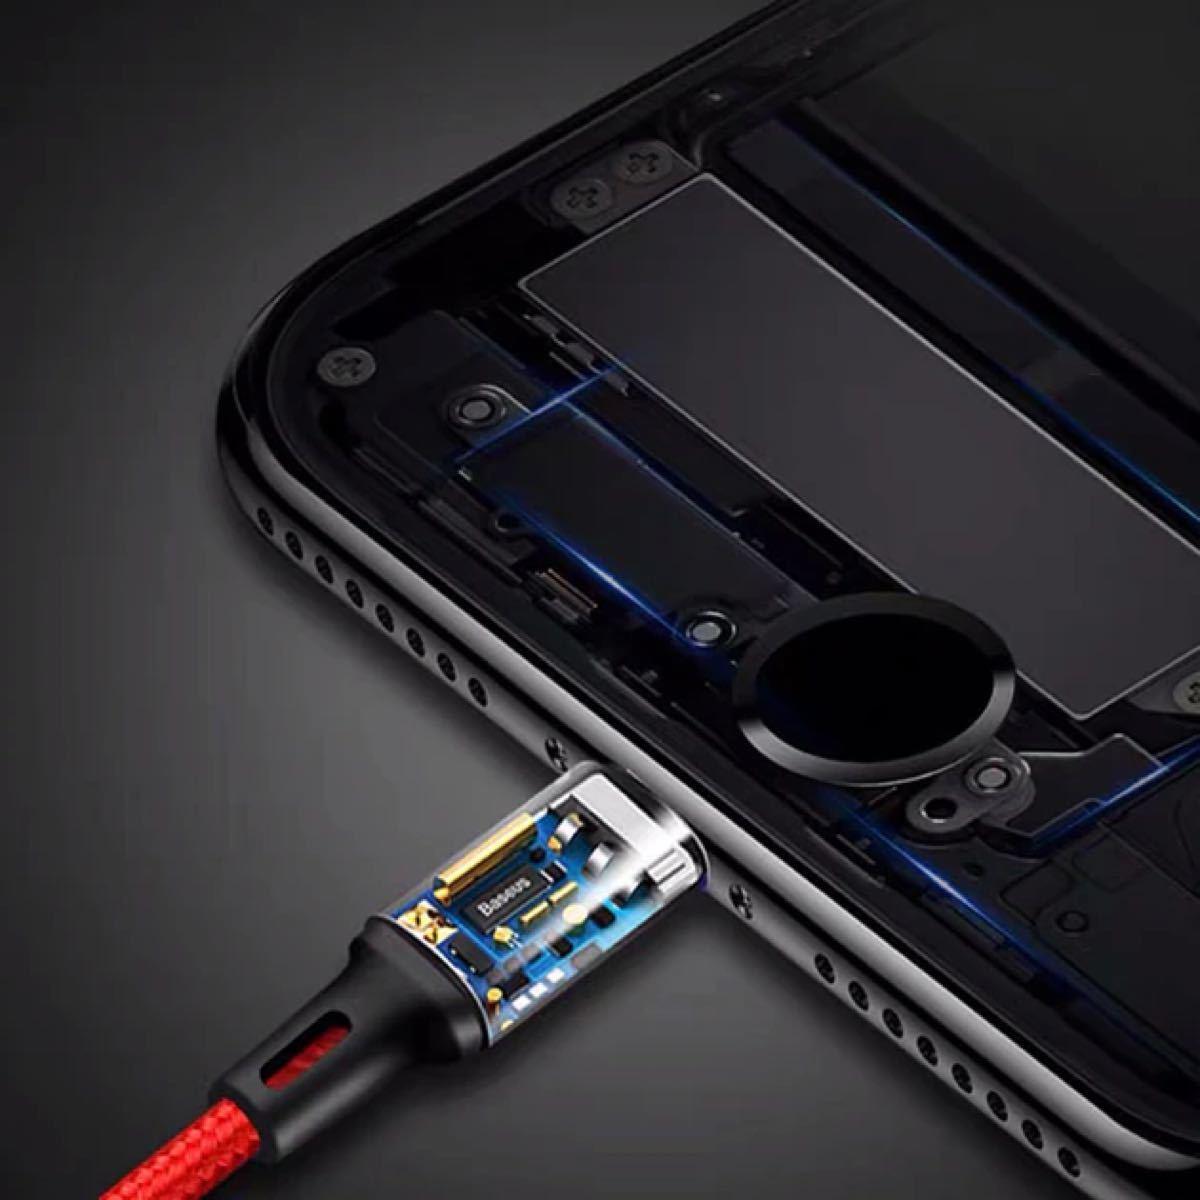 充電ケーブル 3in1 ナイロン 断線防止 iPhone Micro Type-C USB モバイルバッテリー高耐久3台同時充電